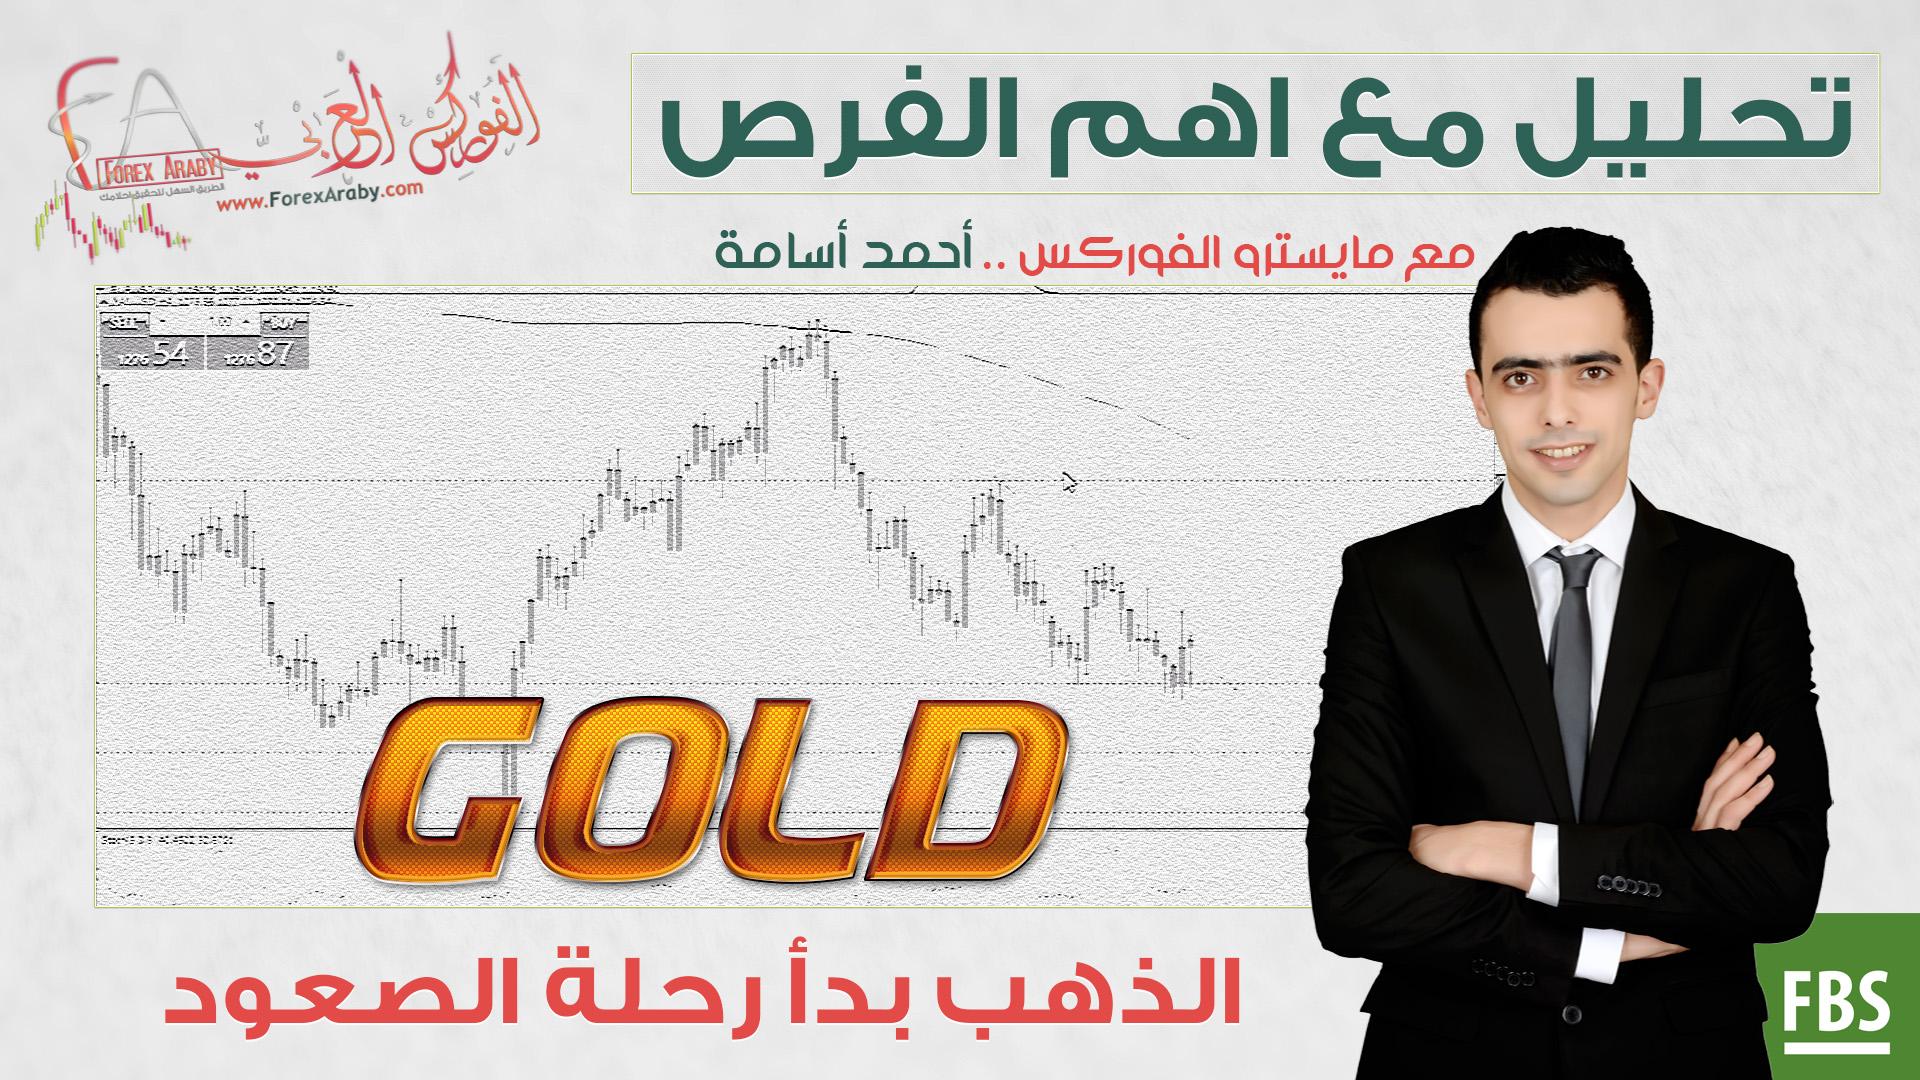 الذهب بدأ رحلة الصعود